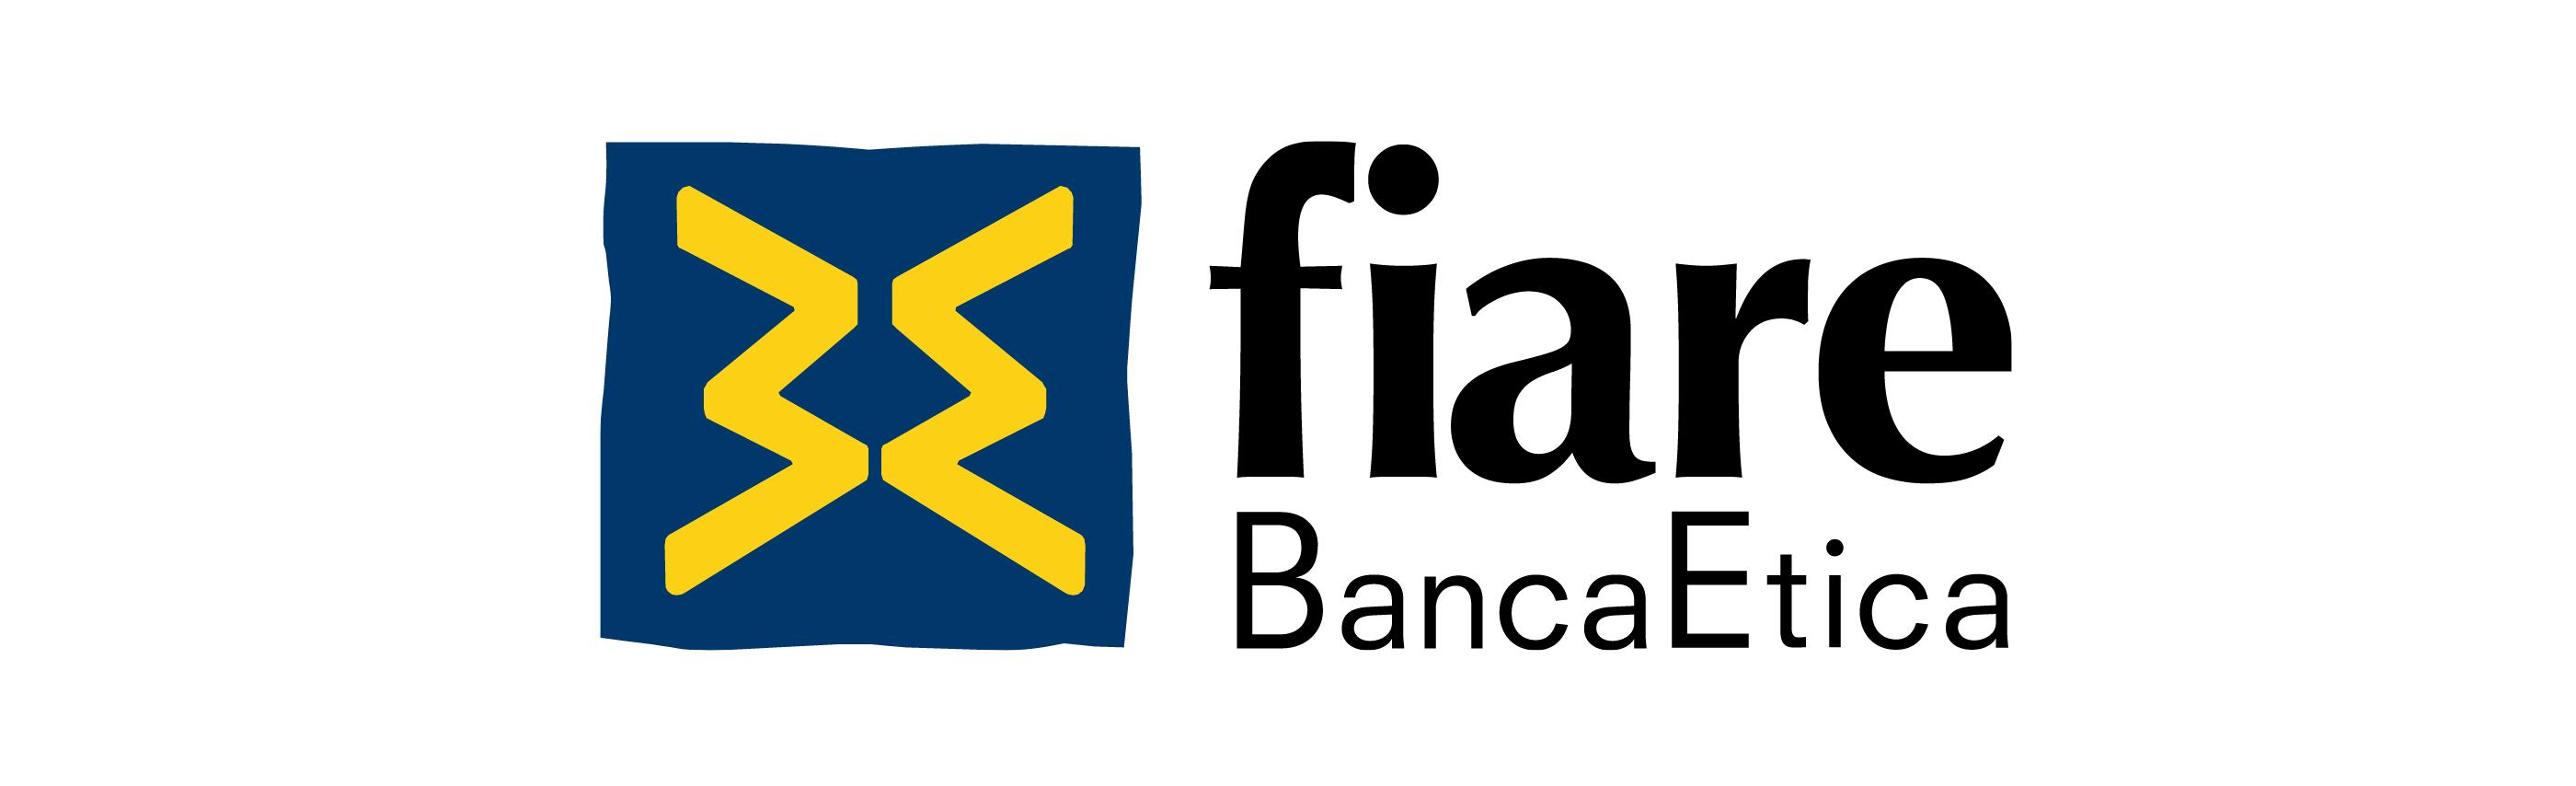 Ventajas de asociarse en Fiare Banca Ética